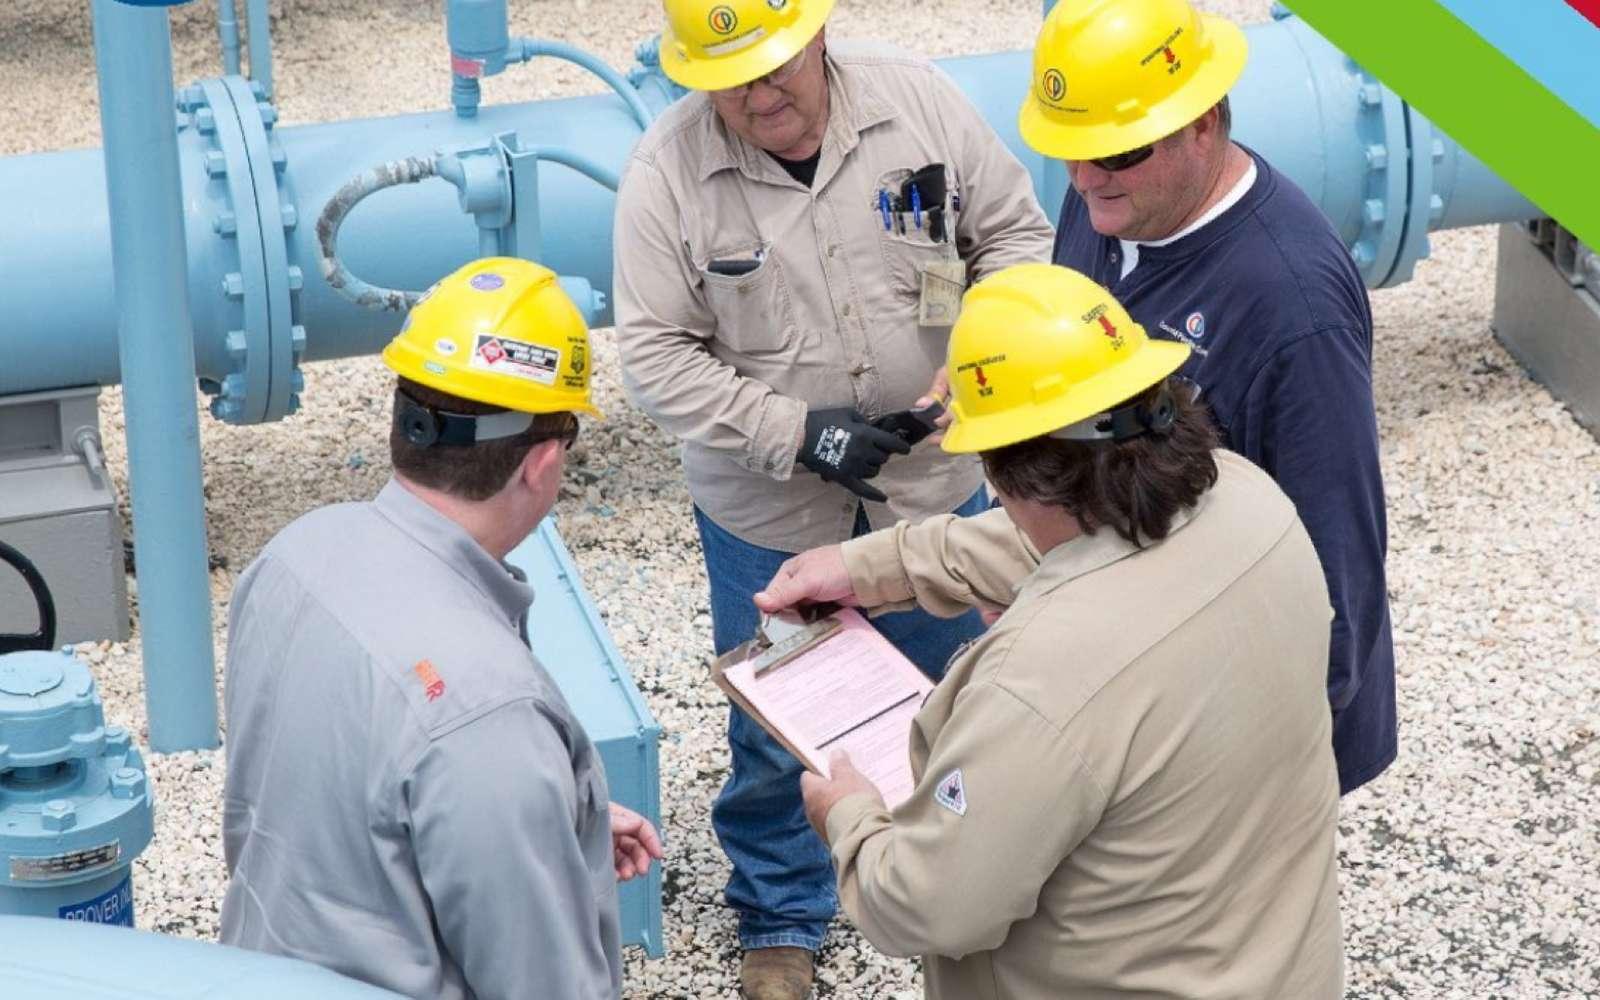 Aux États-Unis, l'arrêt du fonctionnement des gros pipelines de distribution de carburant pourrait engendrer une pénurie dans certaines régions. © Colonial Pipeline